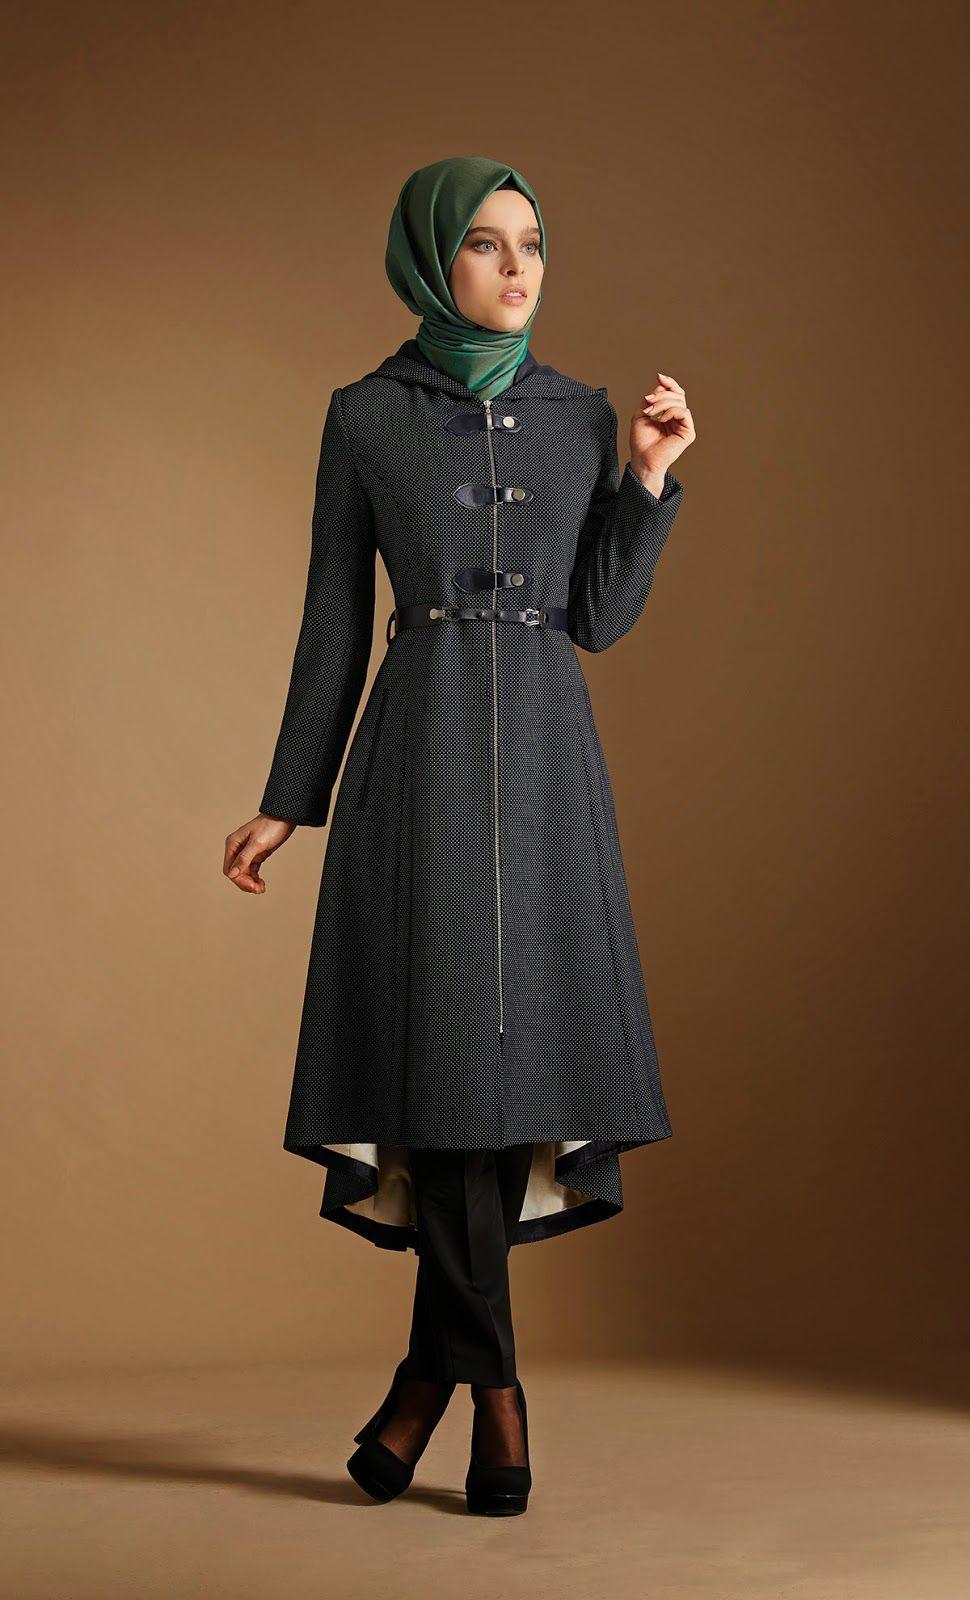 بالصور ازياء محجبات تركية , ملابس تركي جميله 1163 8